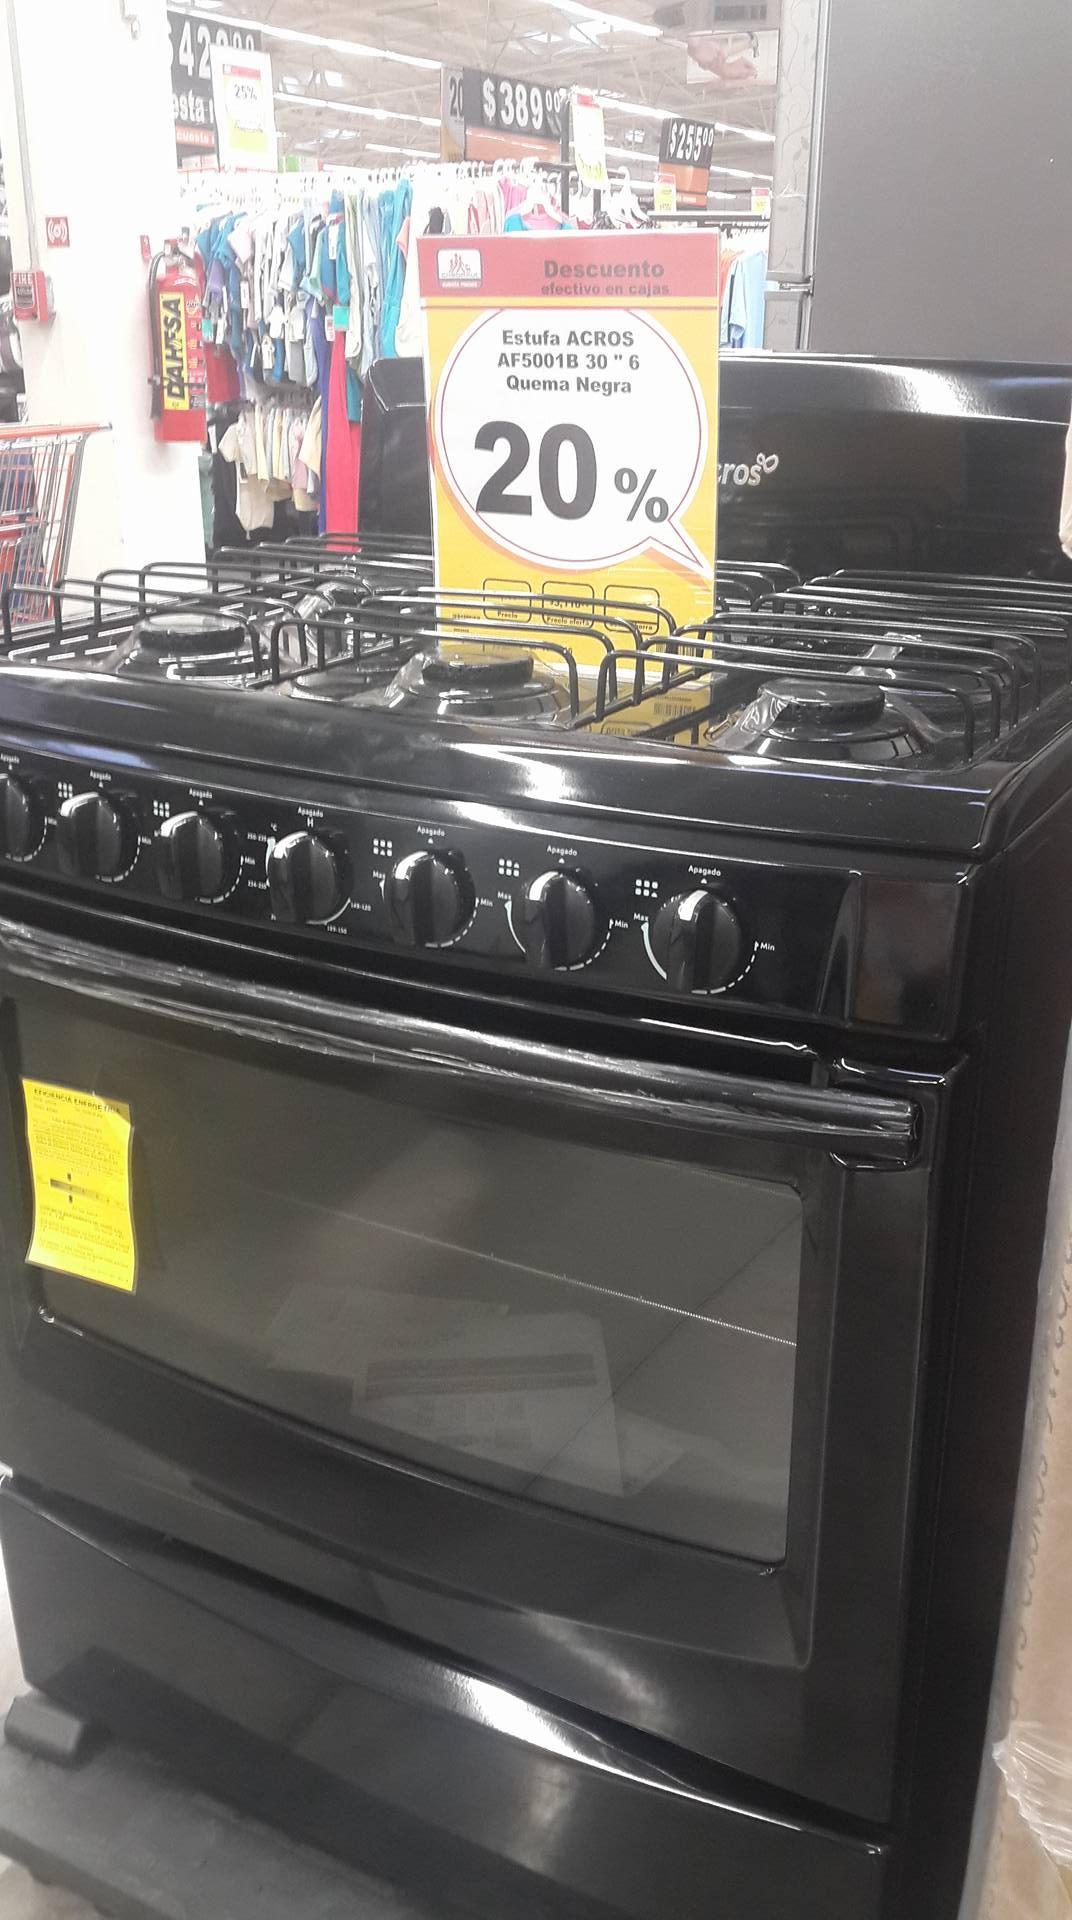 Chedraui: estufa acros de 6 quemadores en $3,110 y pantallas en oferta